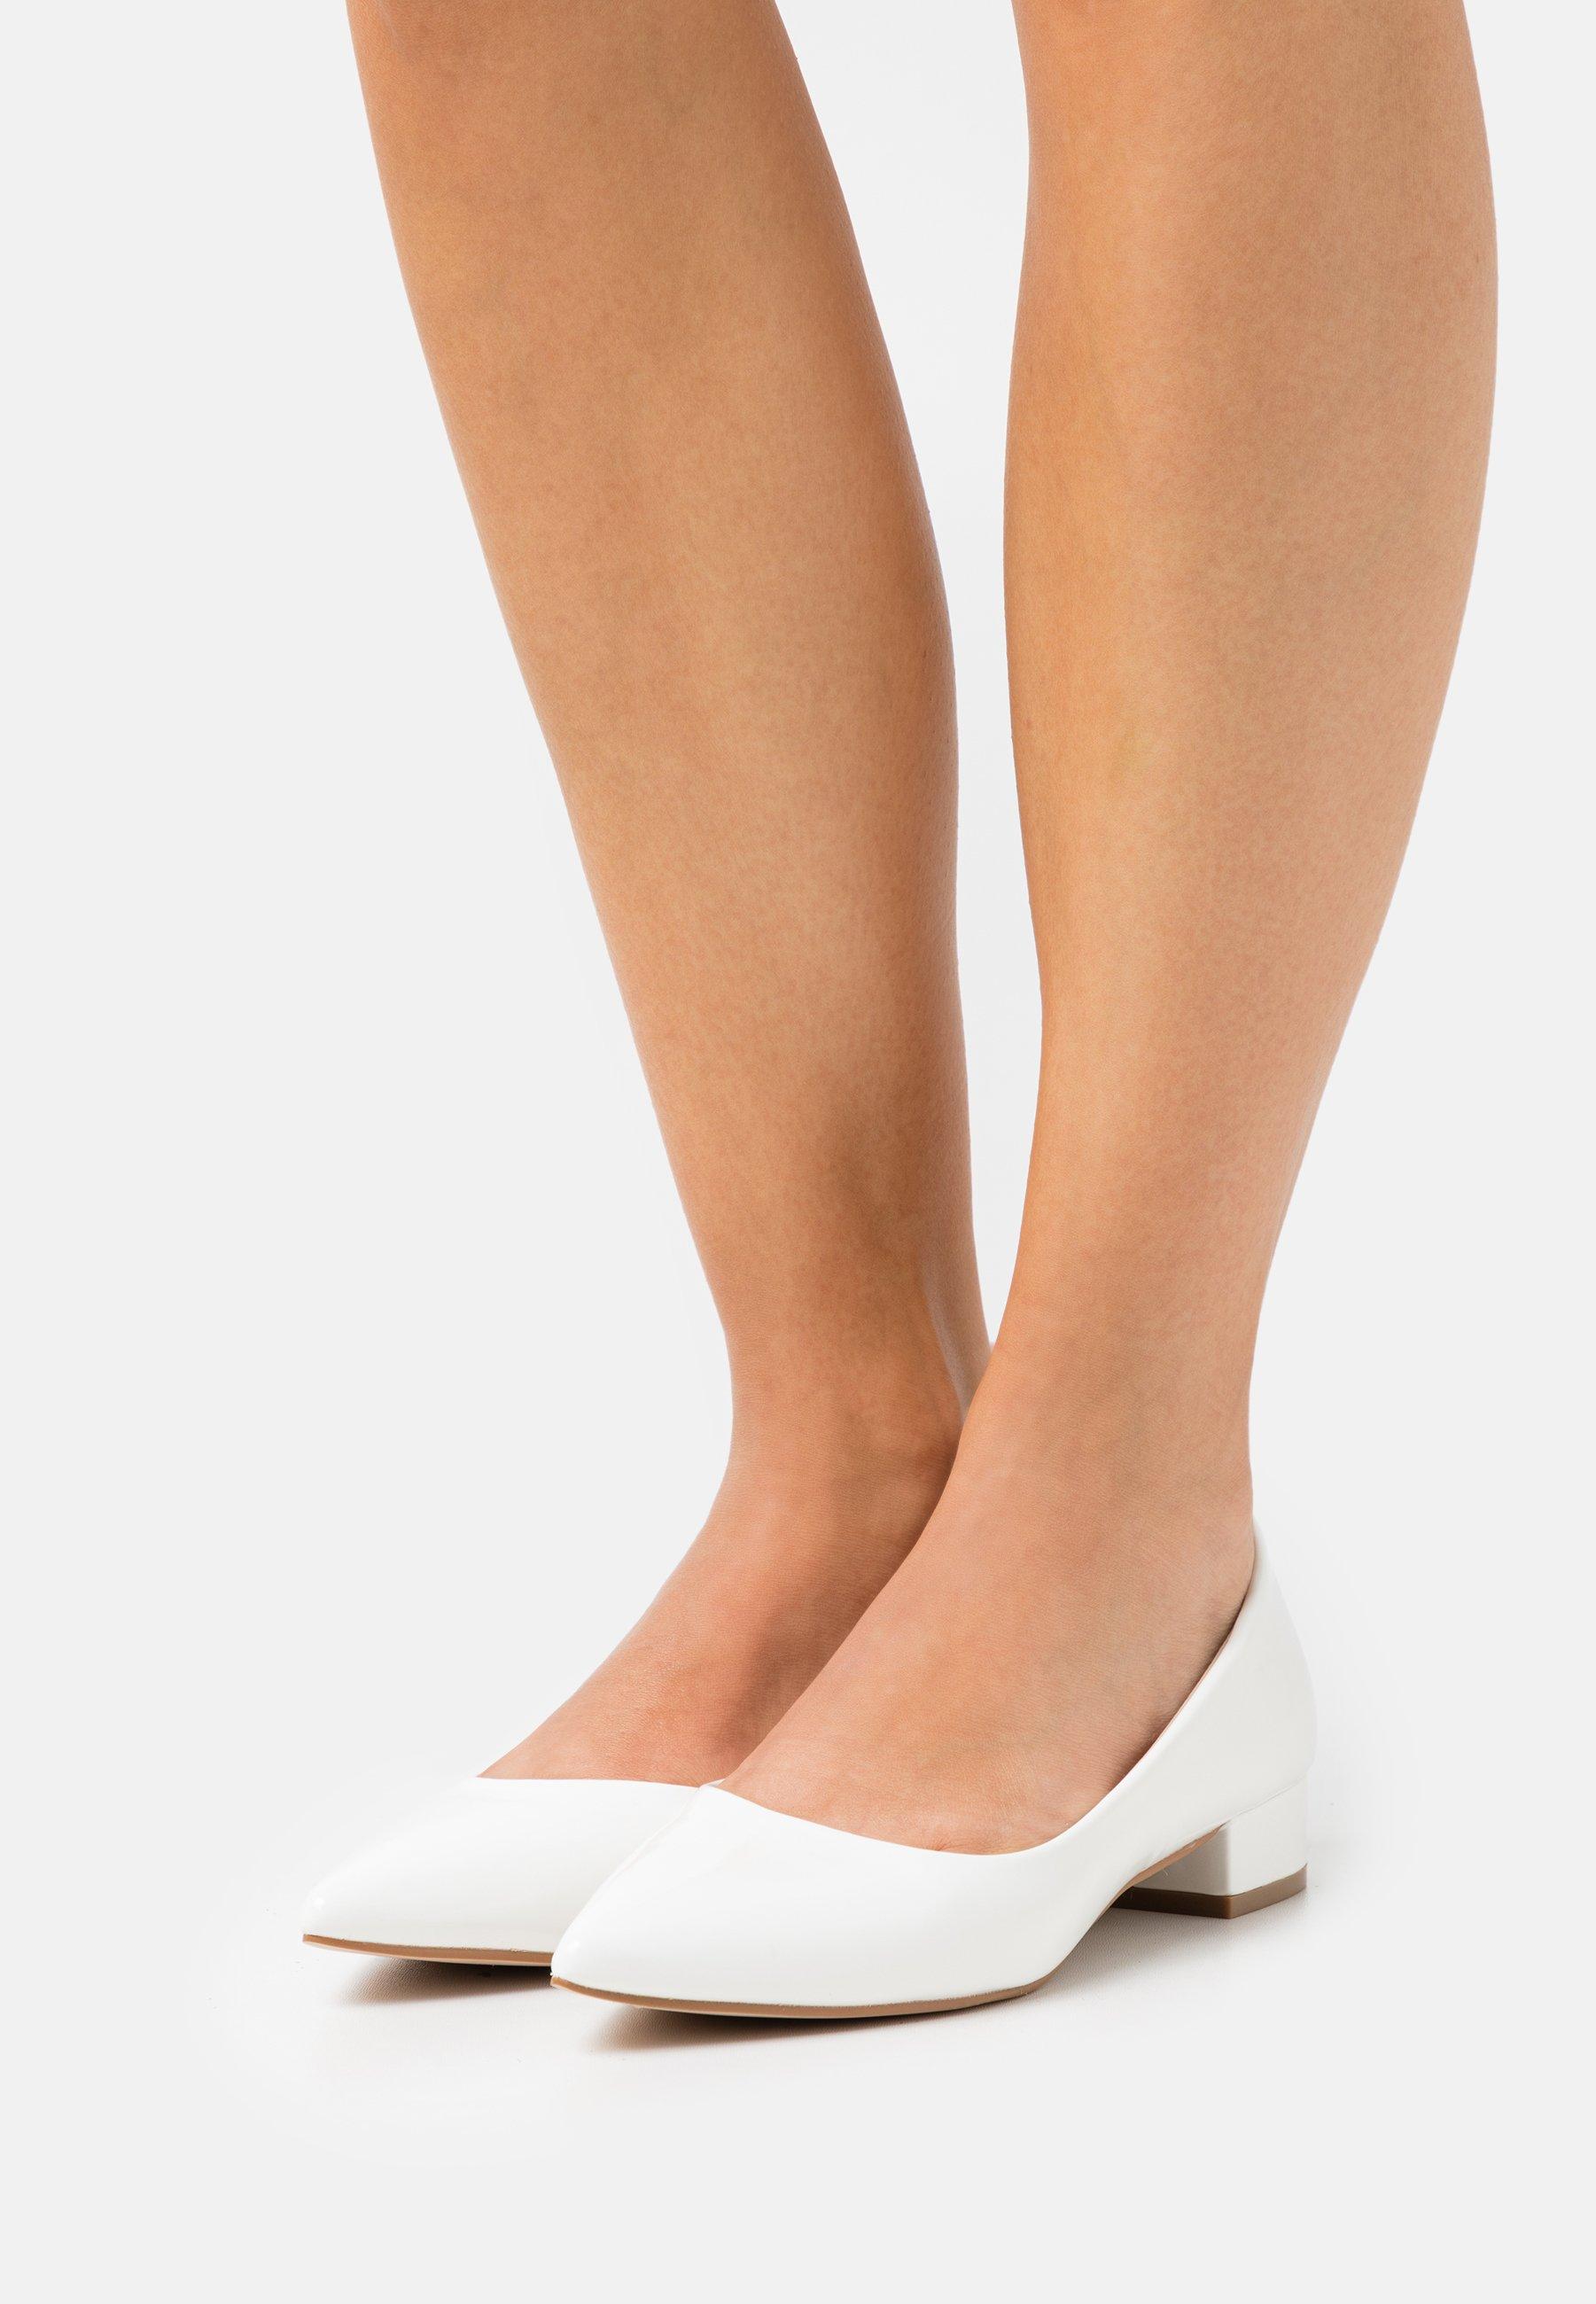 Women CLARISAH - Classic heels - white